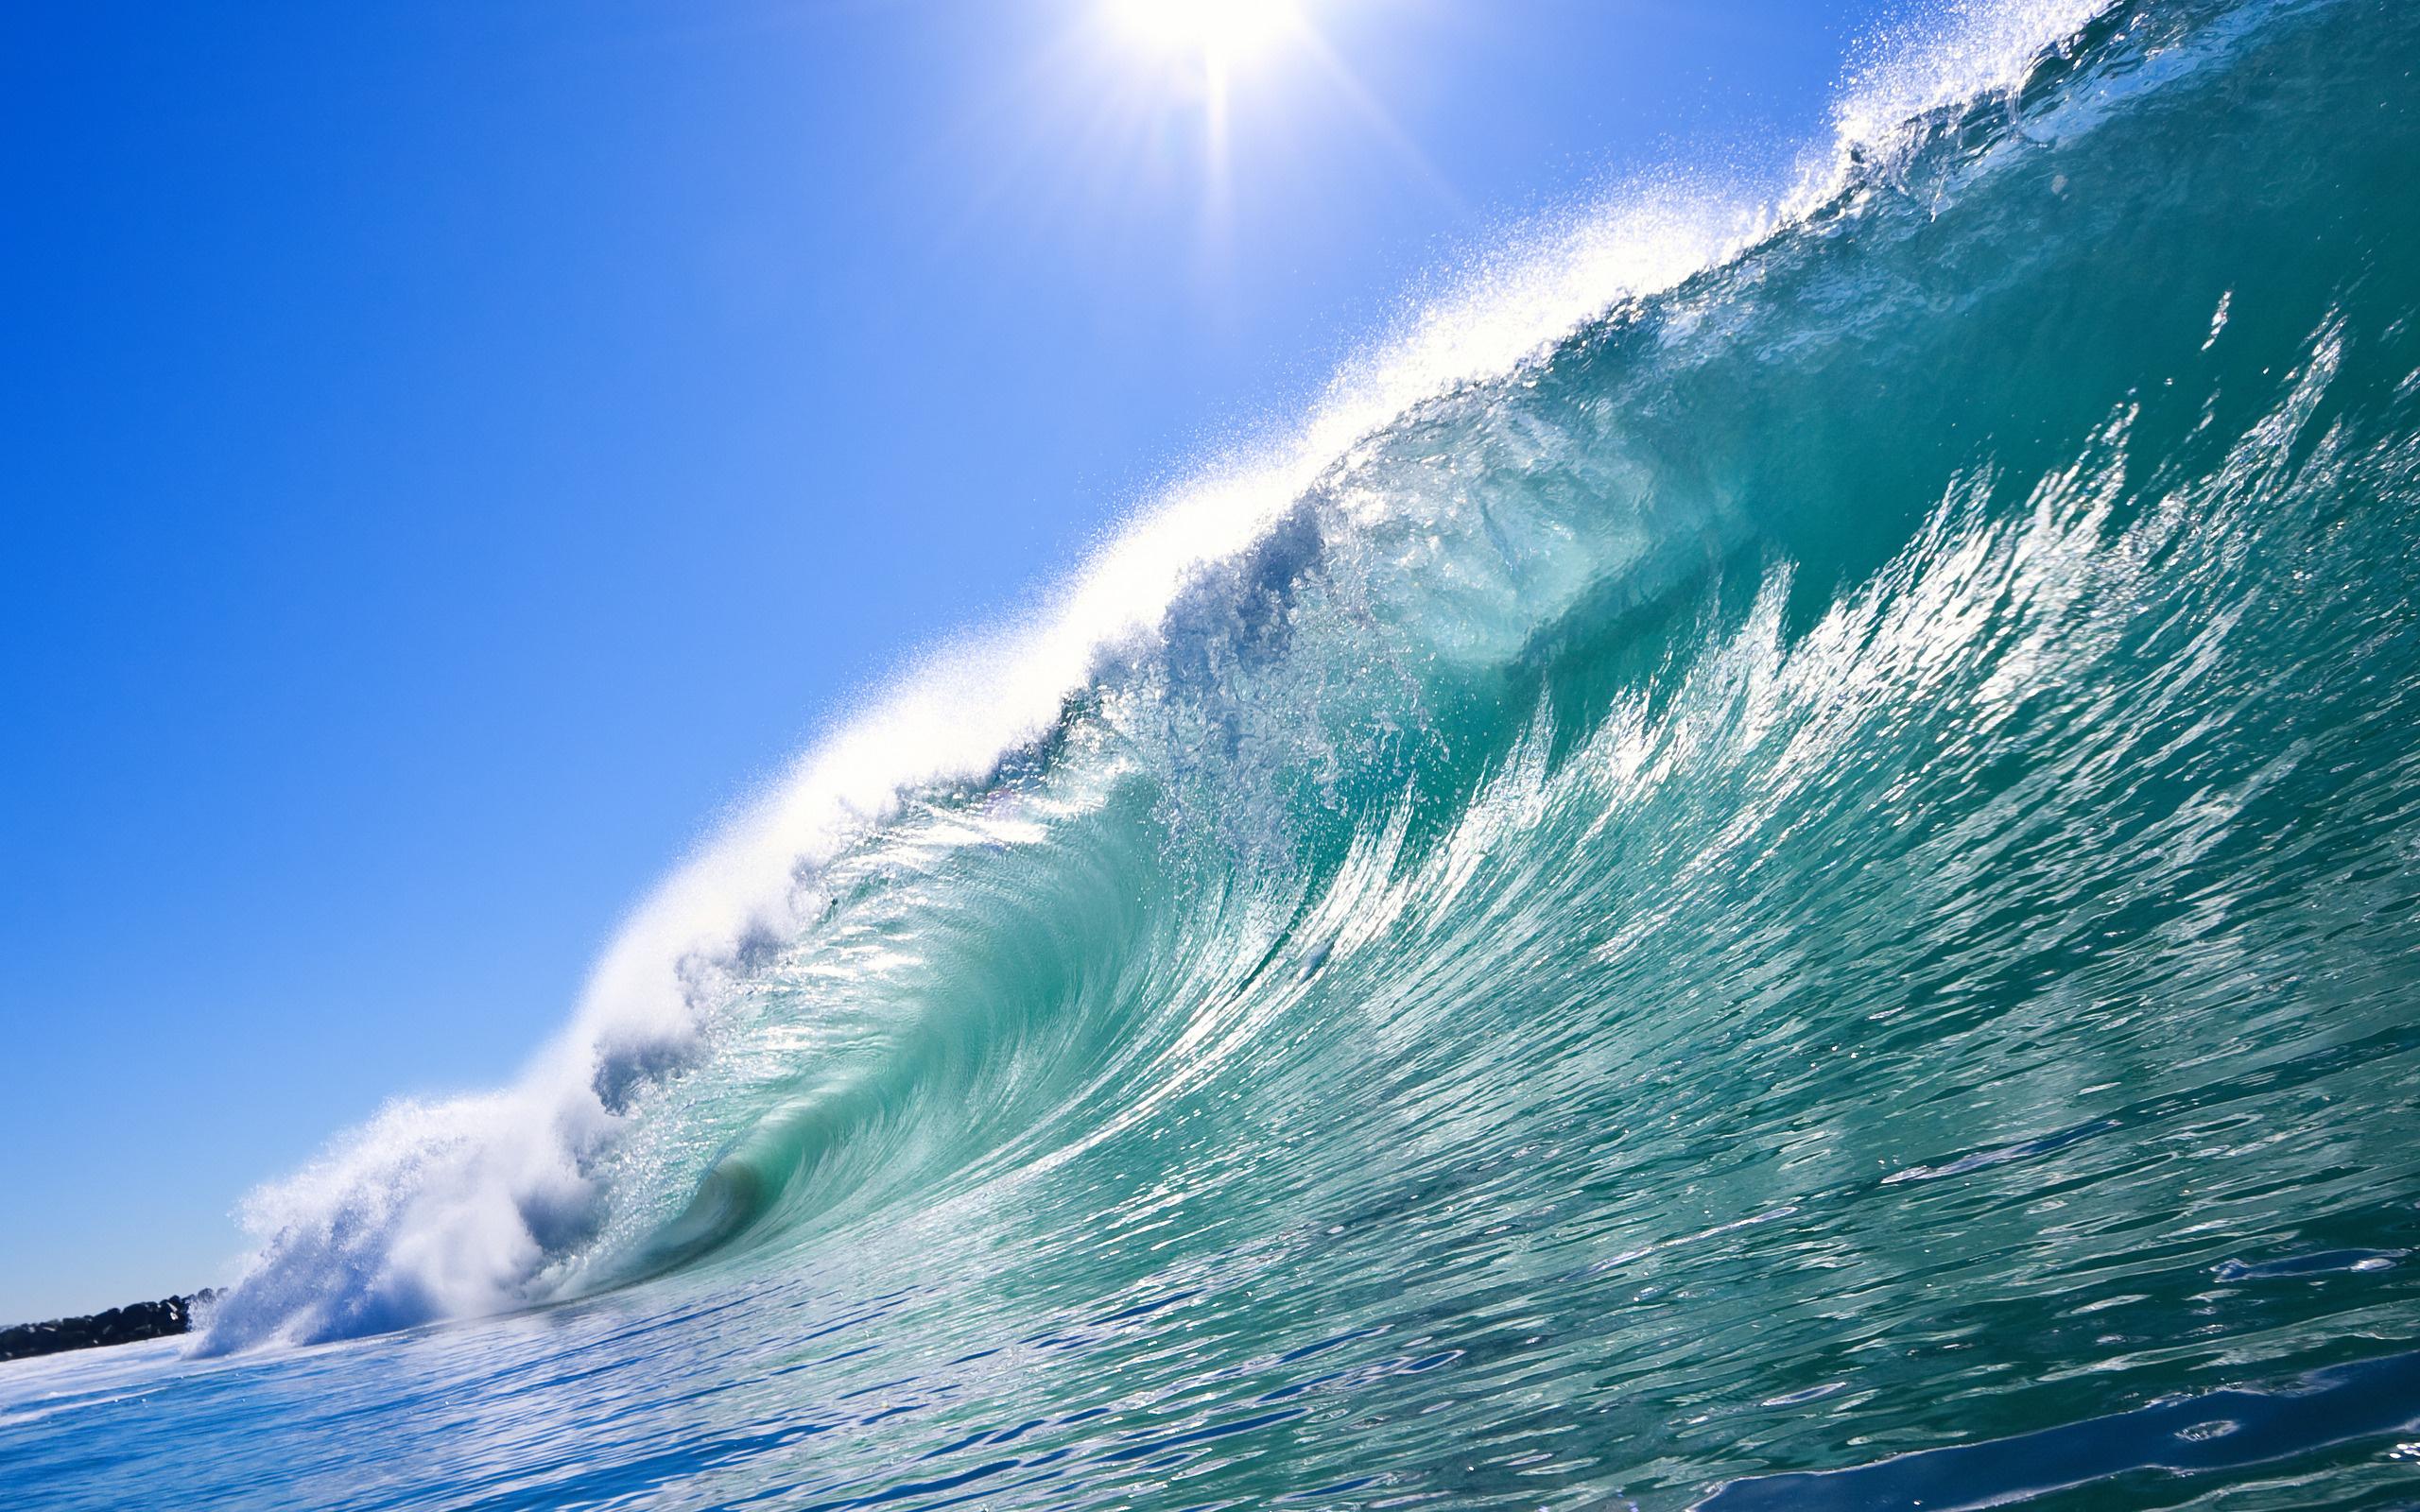 ocean wave desktop wallpaper